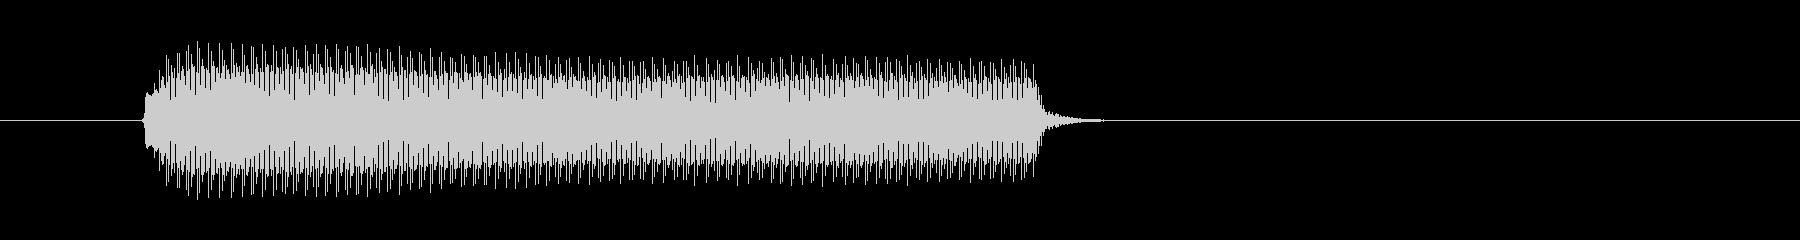 消防車-サイレン-警報2の未再生の波形